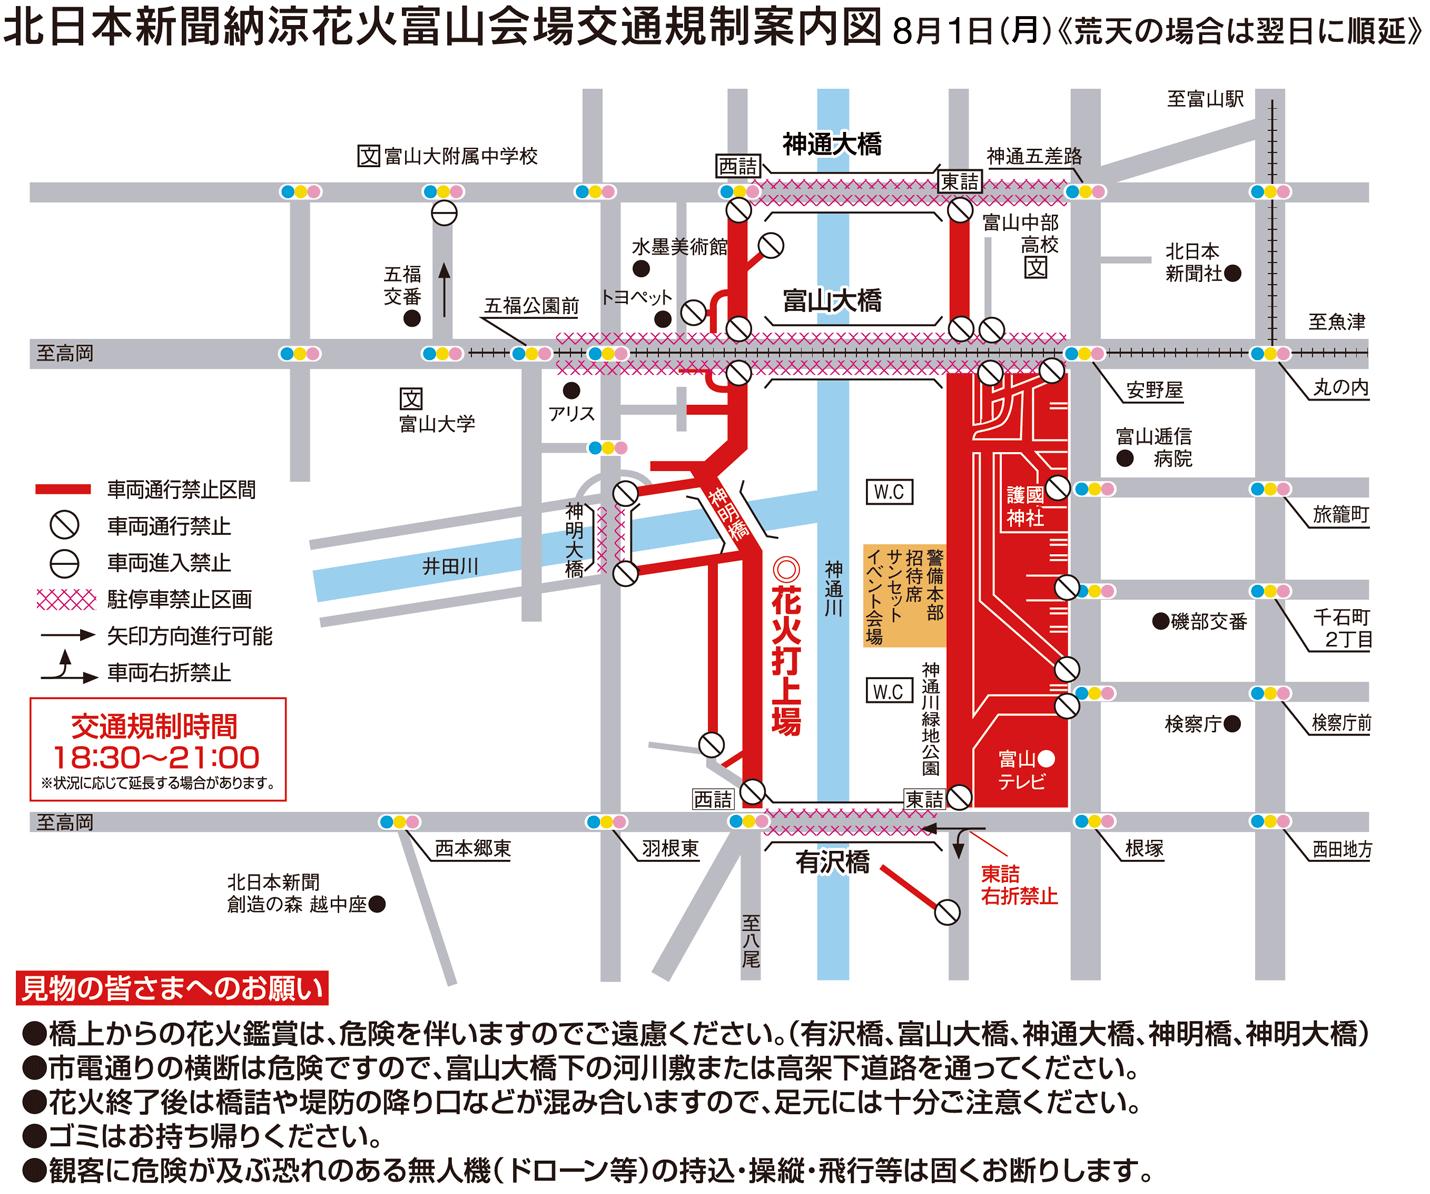 北日本新聞納涼花火大会2018の交通規制地図